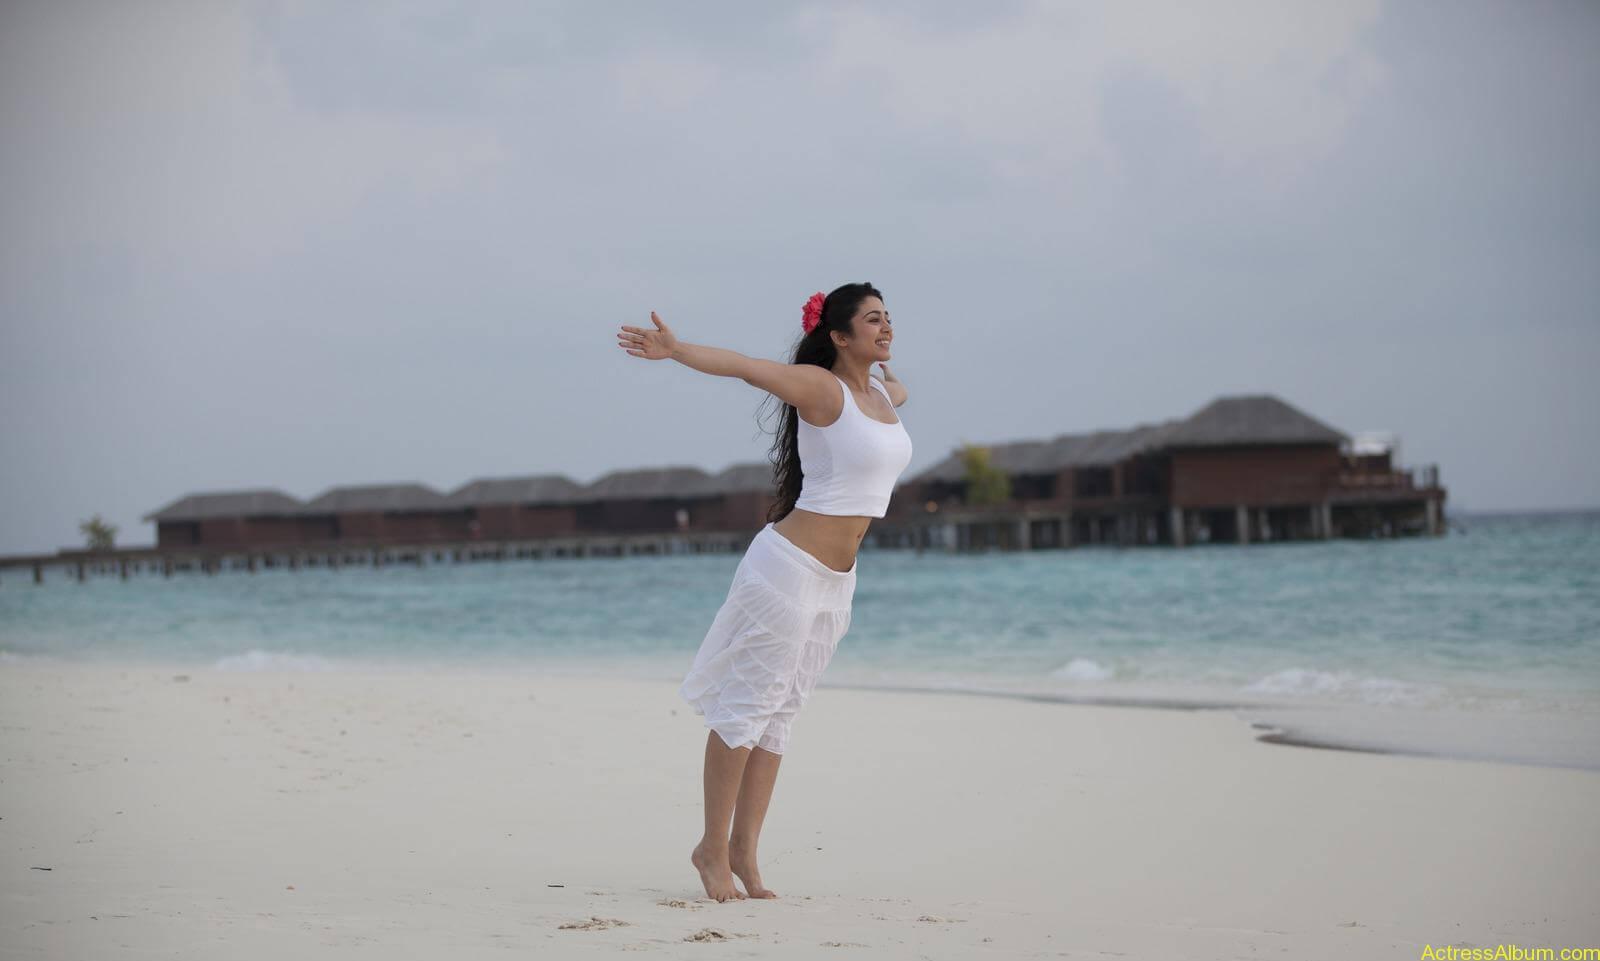 Charmi-kaur-latest-photoshoot-in-beach-7